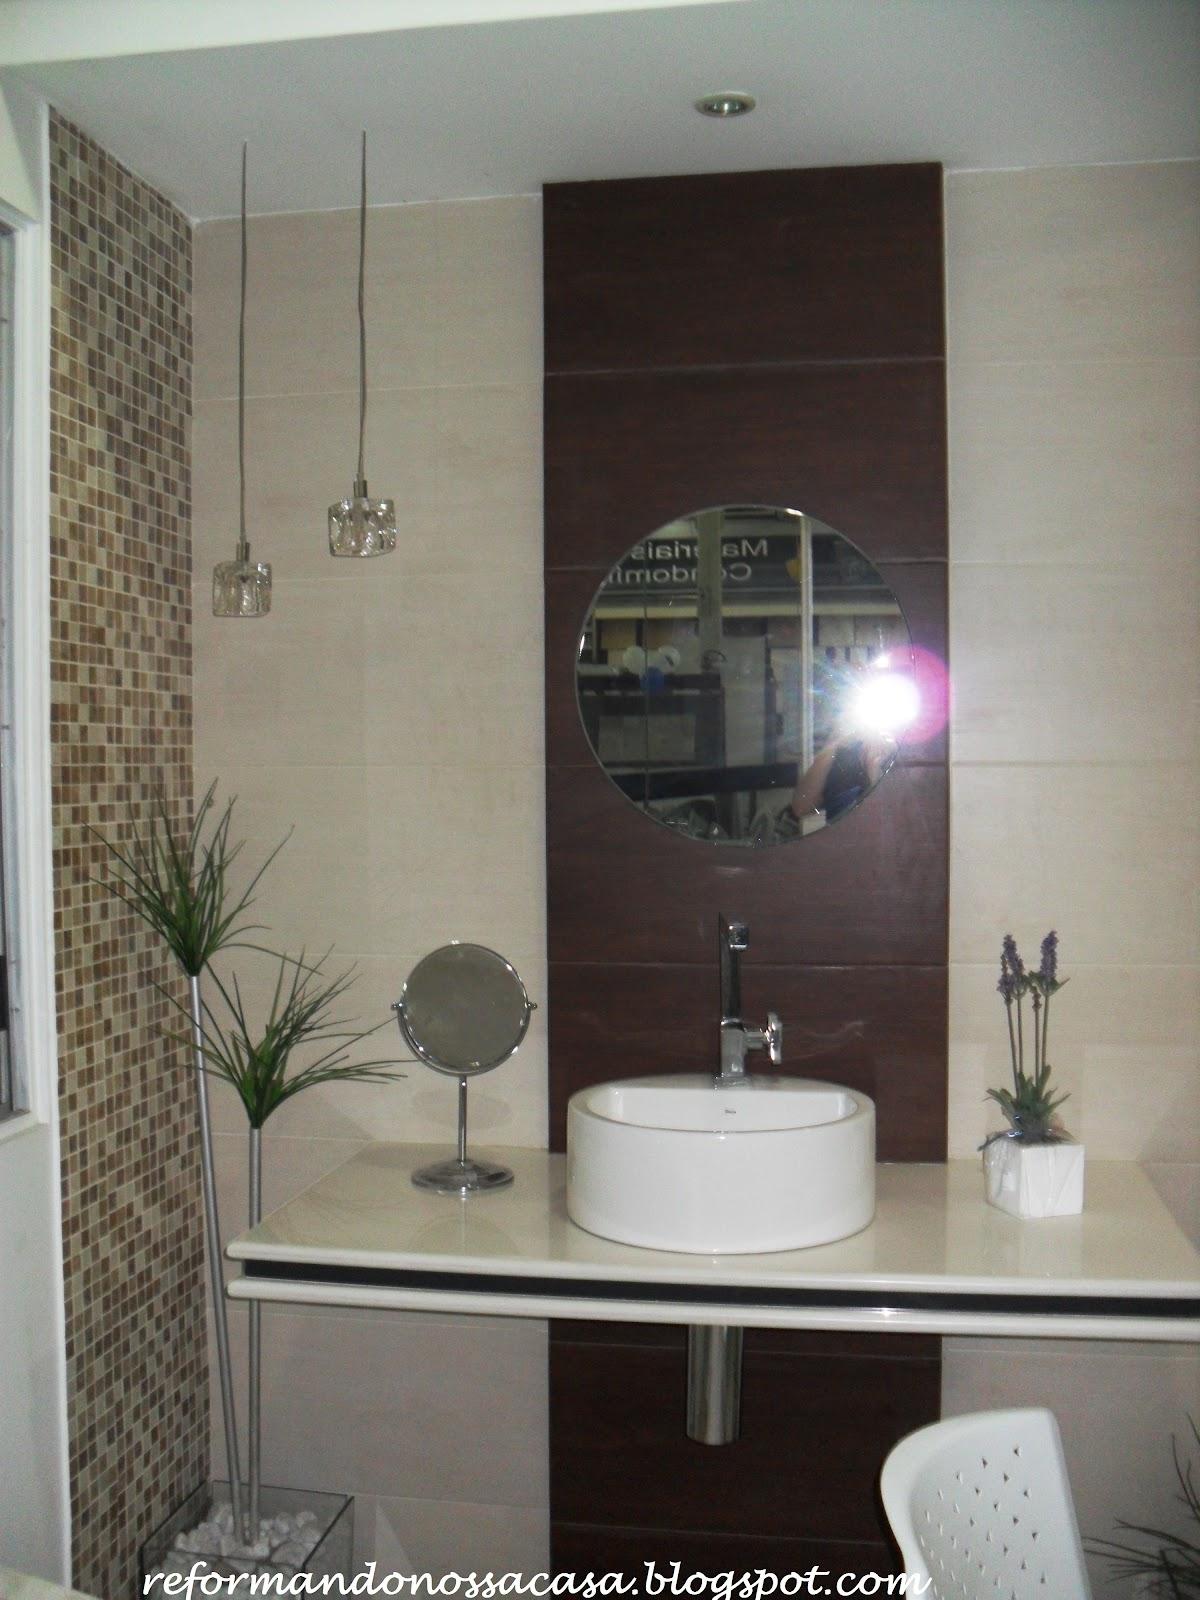 Porcelanato bege nas paredes cuba de sobrepor branca e redonda. #53574B 1200x1600 Banheiro Com Porcelanato Rustico